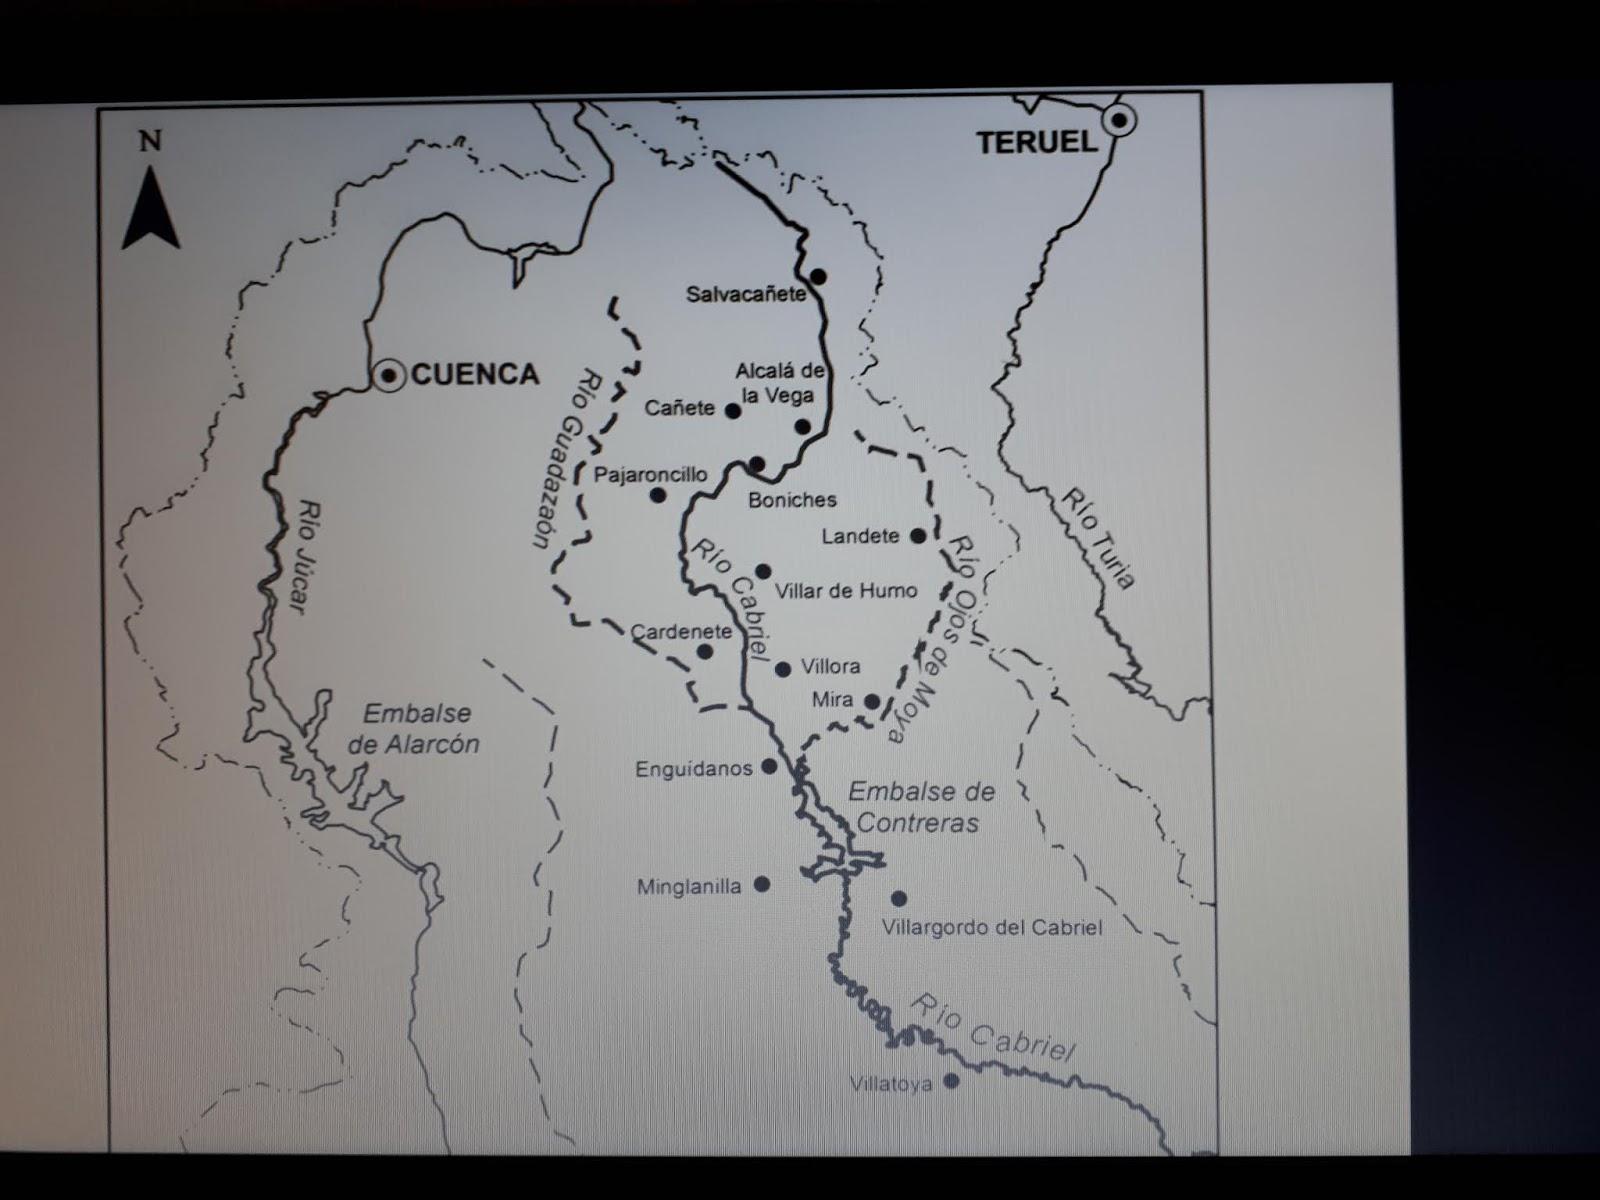 El Vallecillo Teruel Mapa.En Un Jardin Nacimiento Del Rio Cabriel En El Vallecillo Teruel